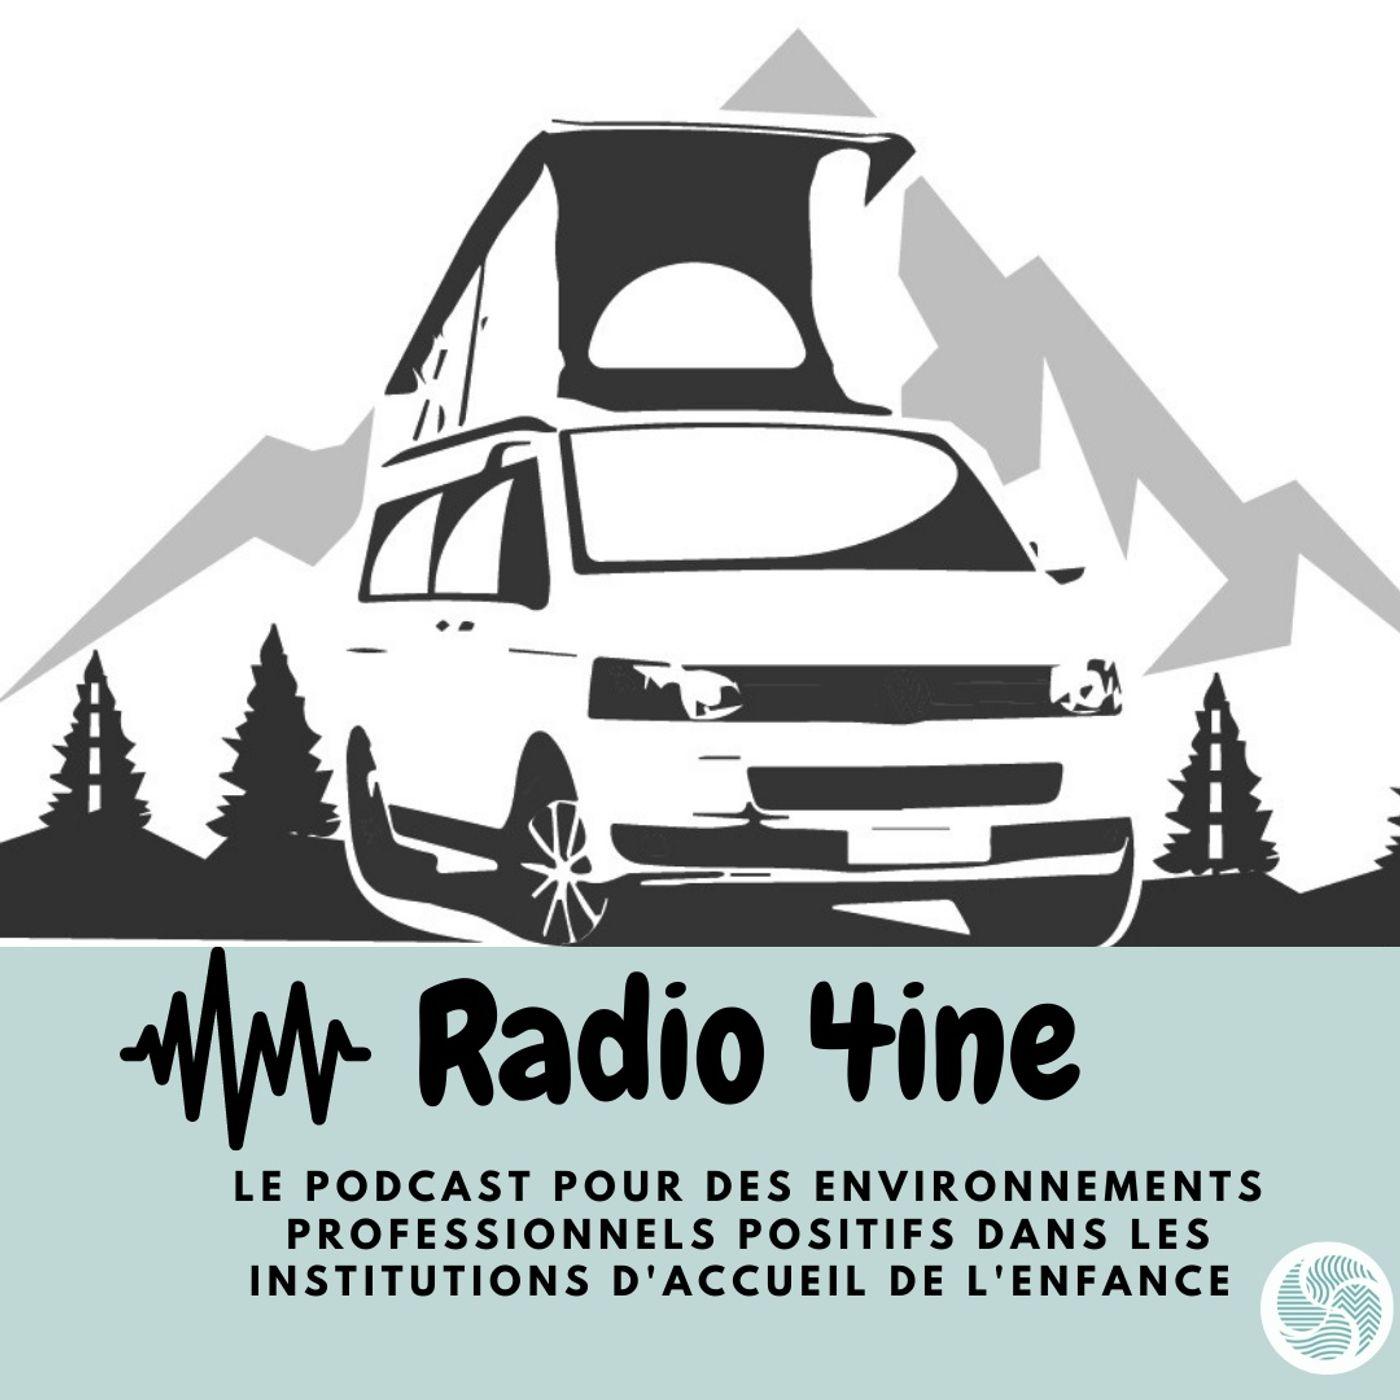 Radio 4ine